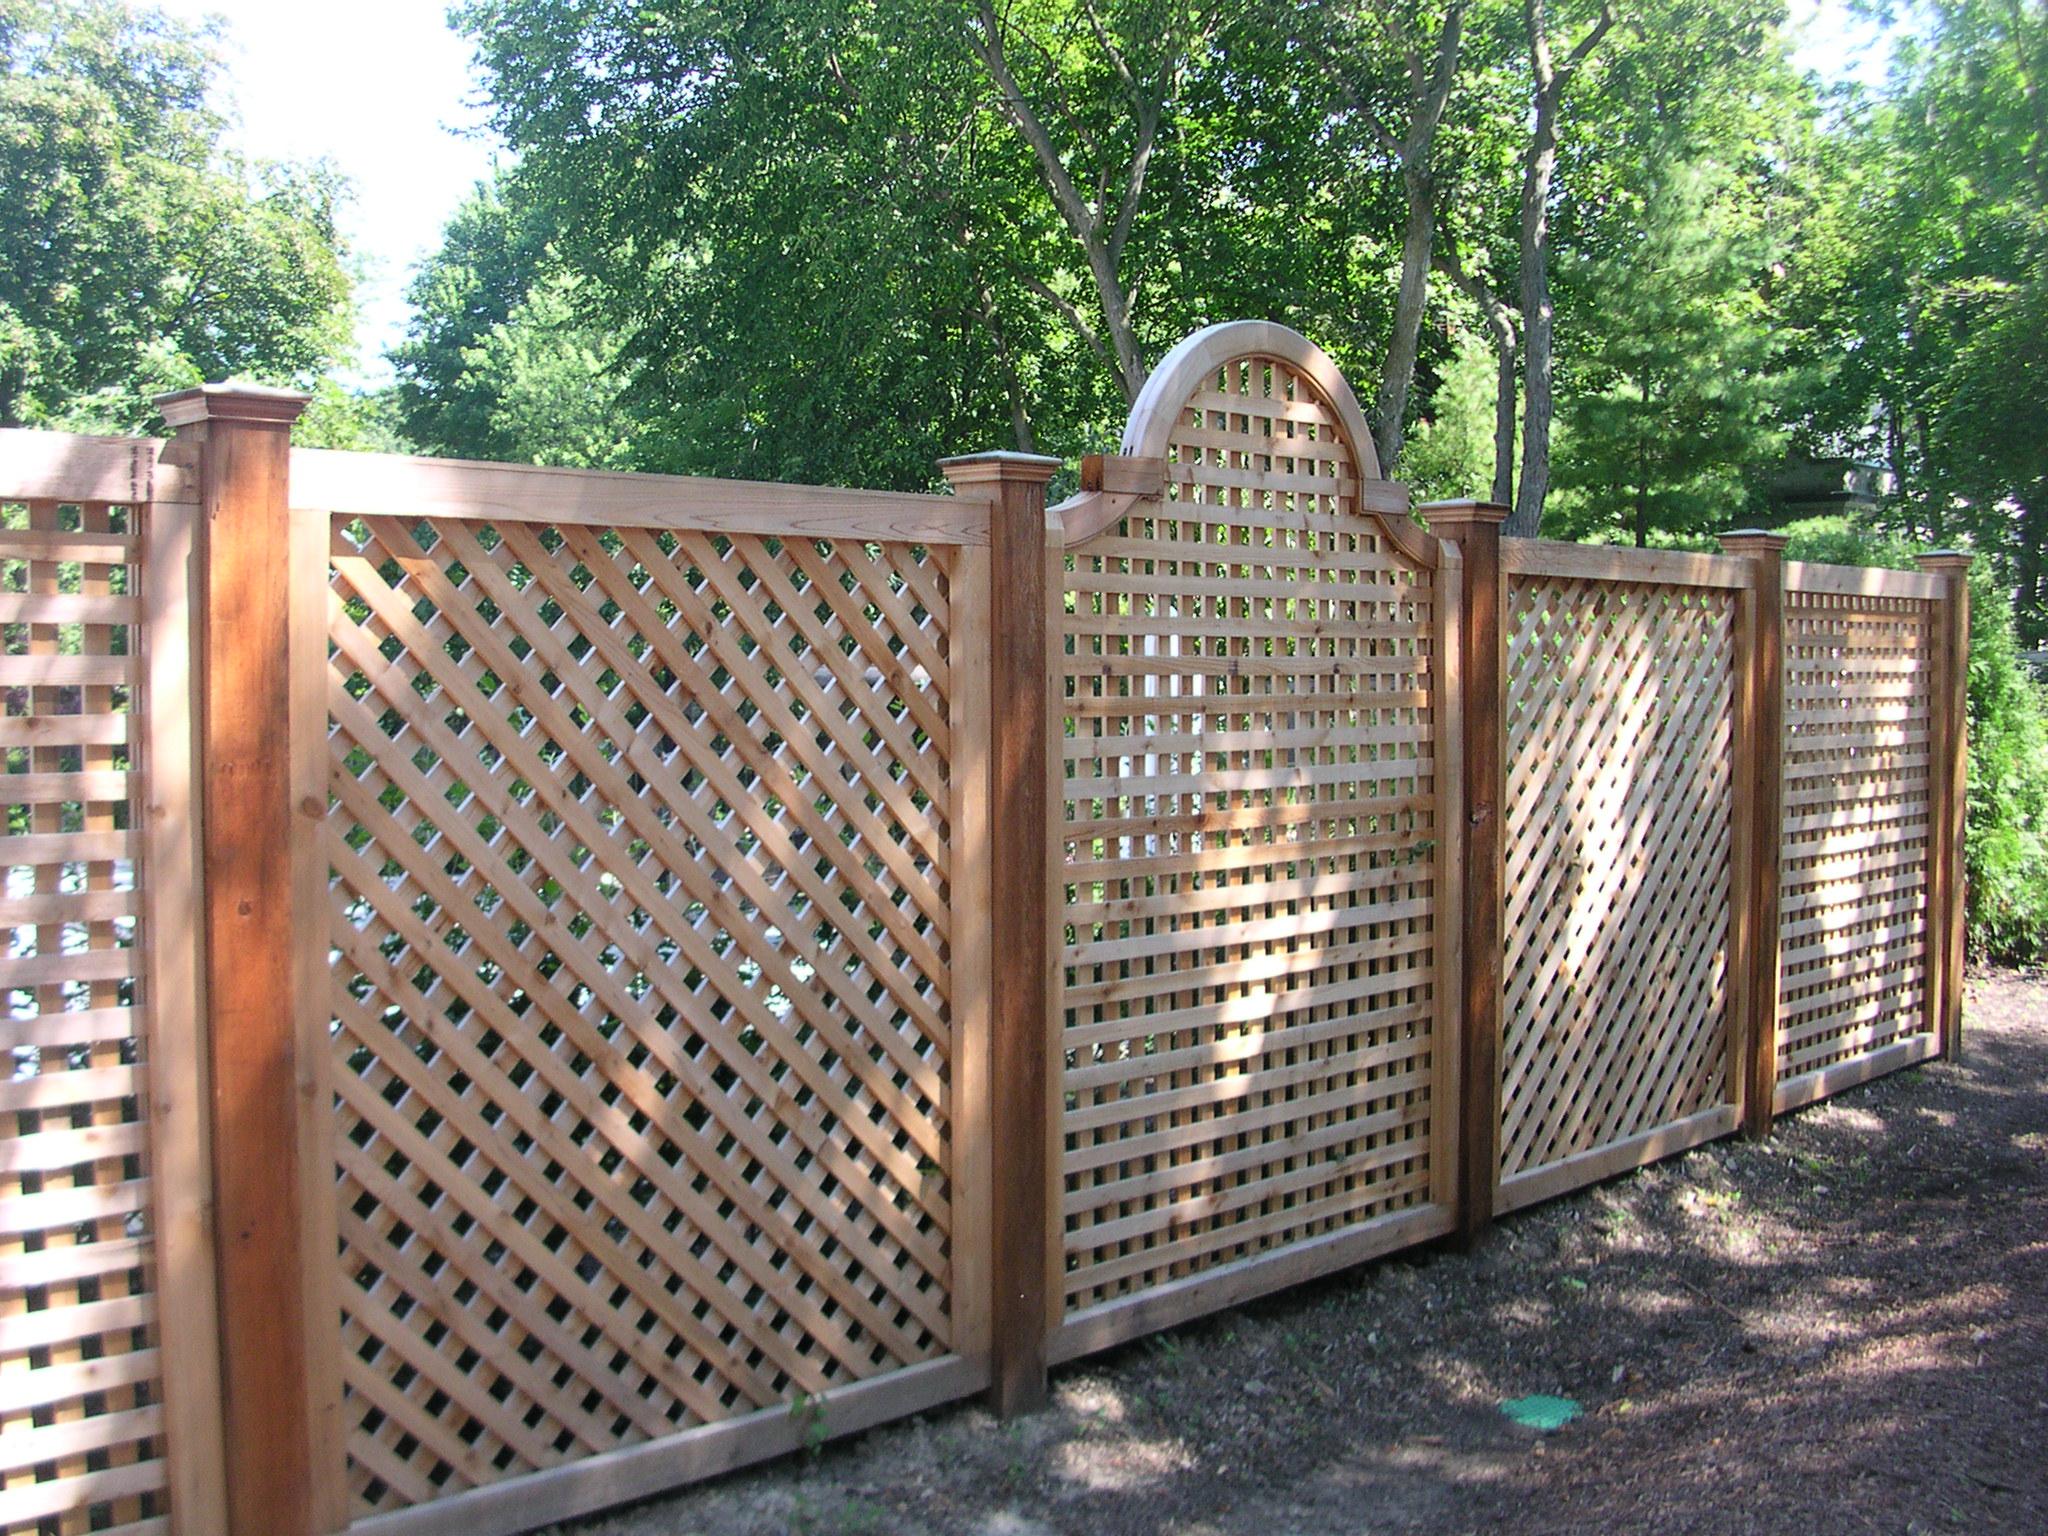 Project Idea: Wood Lattice Ideas